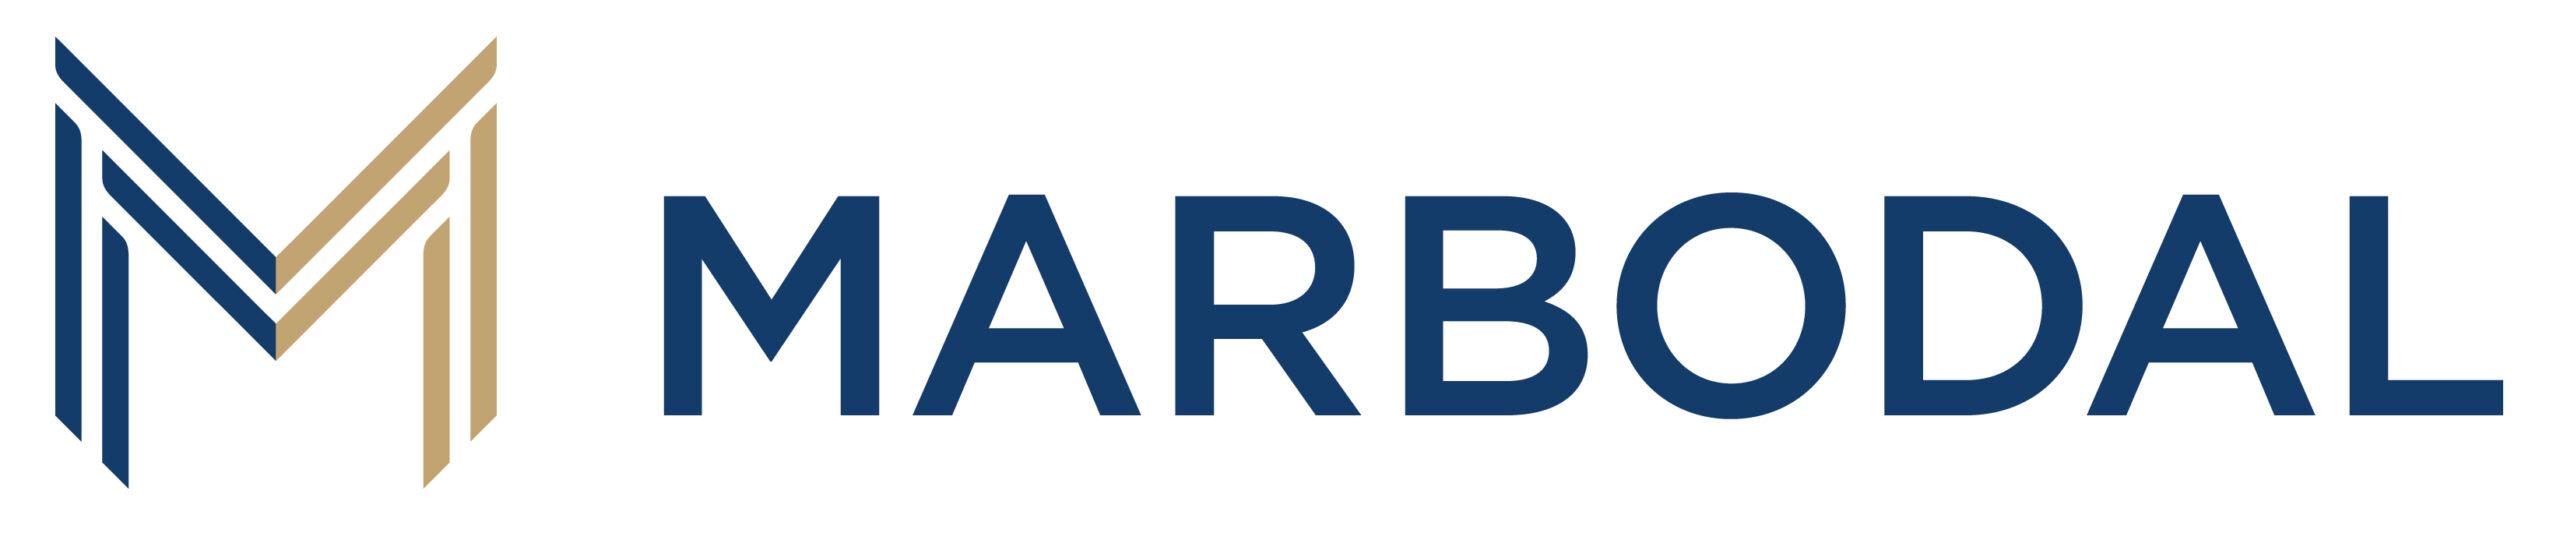 Marbodal_Logotyp_Liggande_cmyk